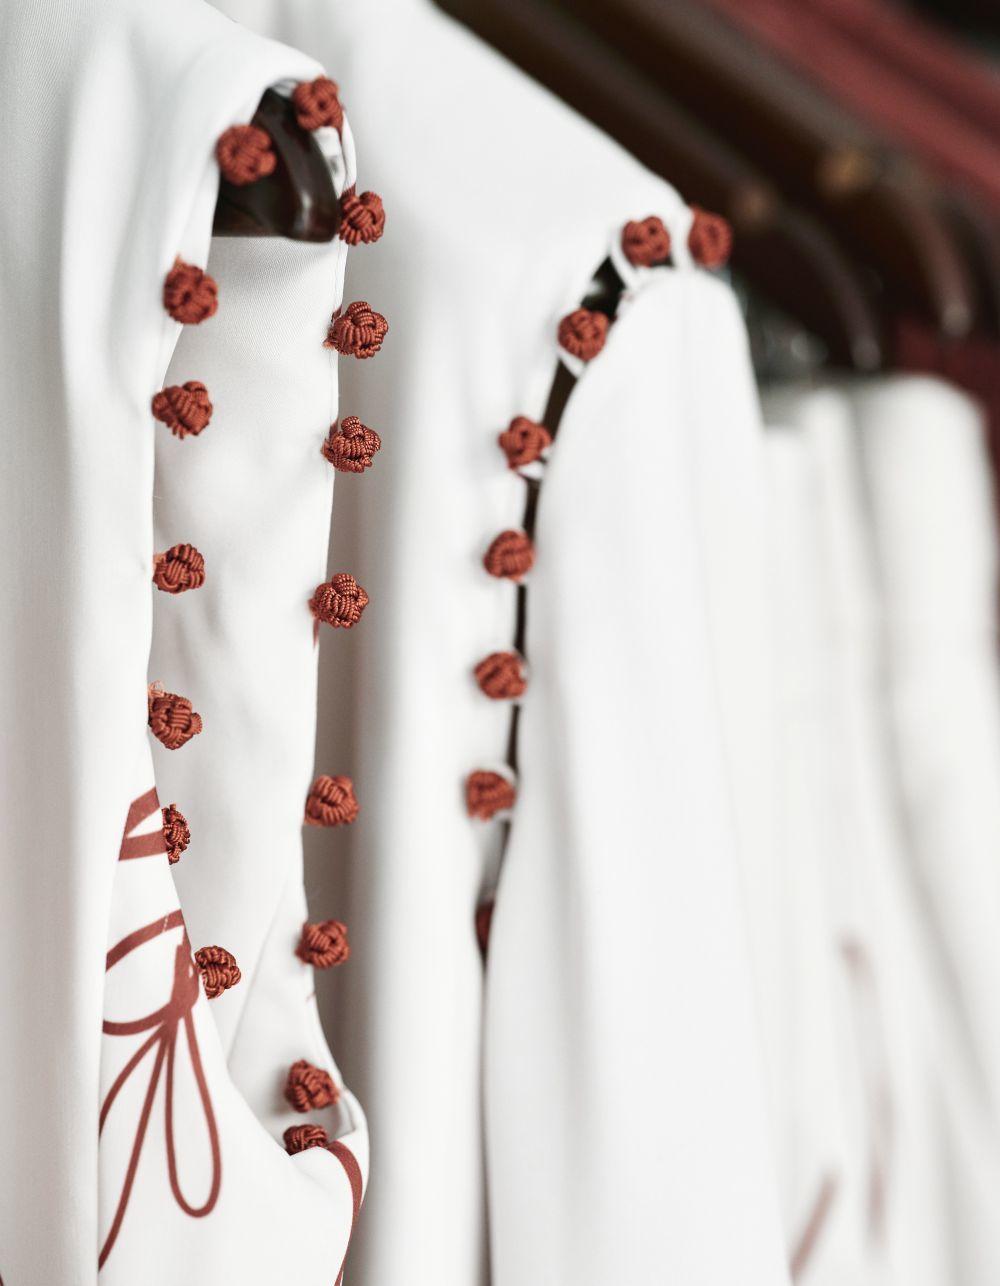 Detalle de un camisa de la colección de VienSo, con mangas desmontables.